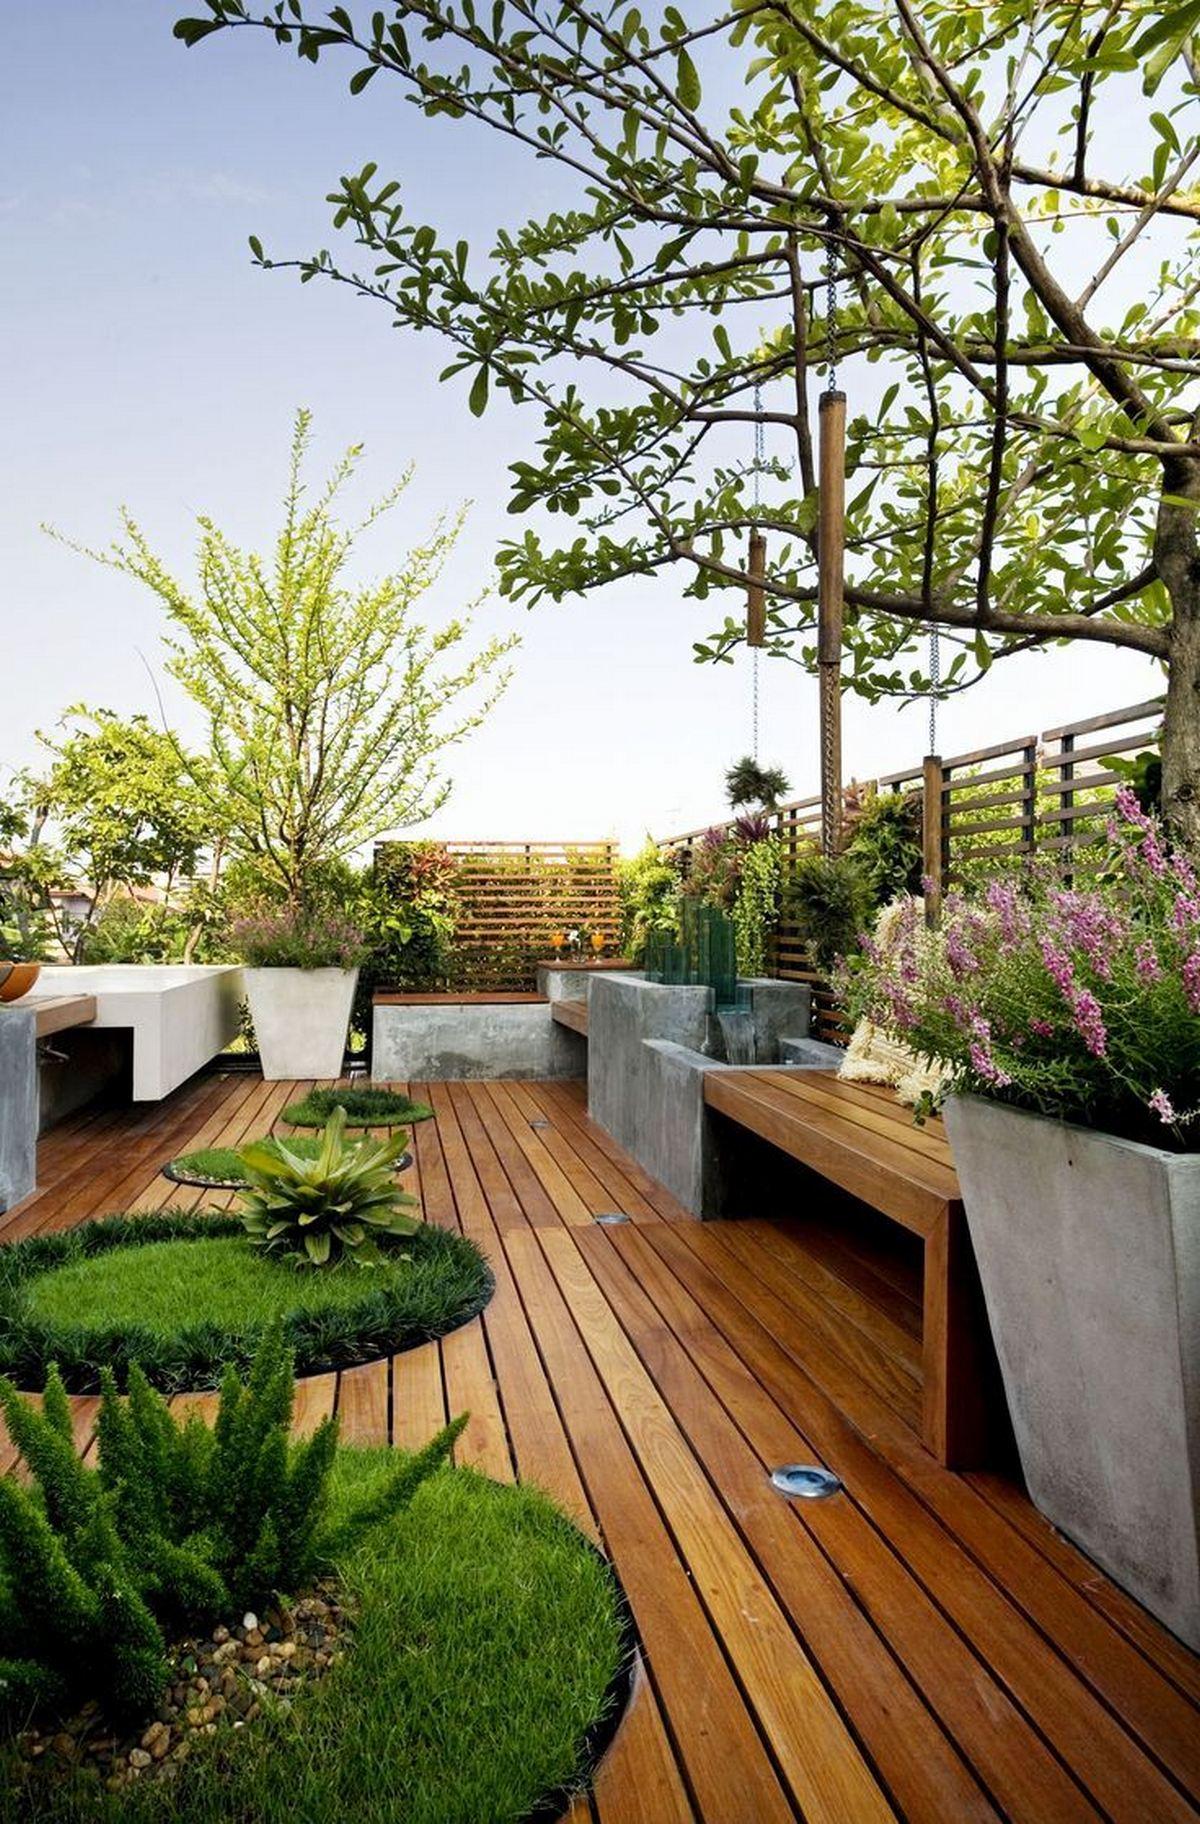 ландшафтный дизайн садового участка 6 соток бамбуковый пол